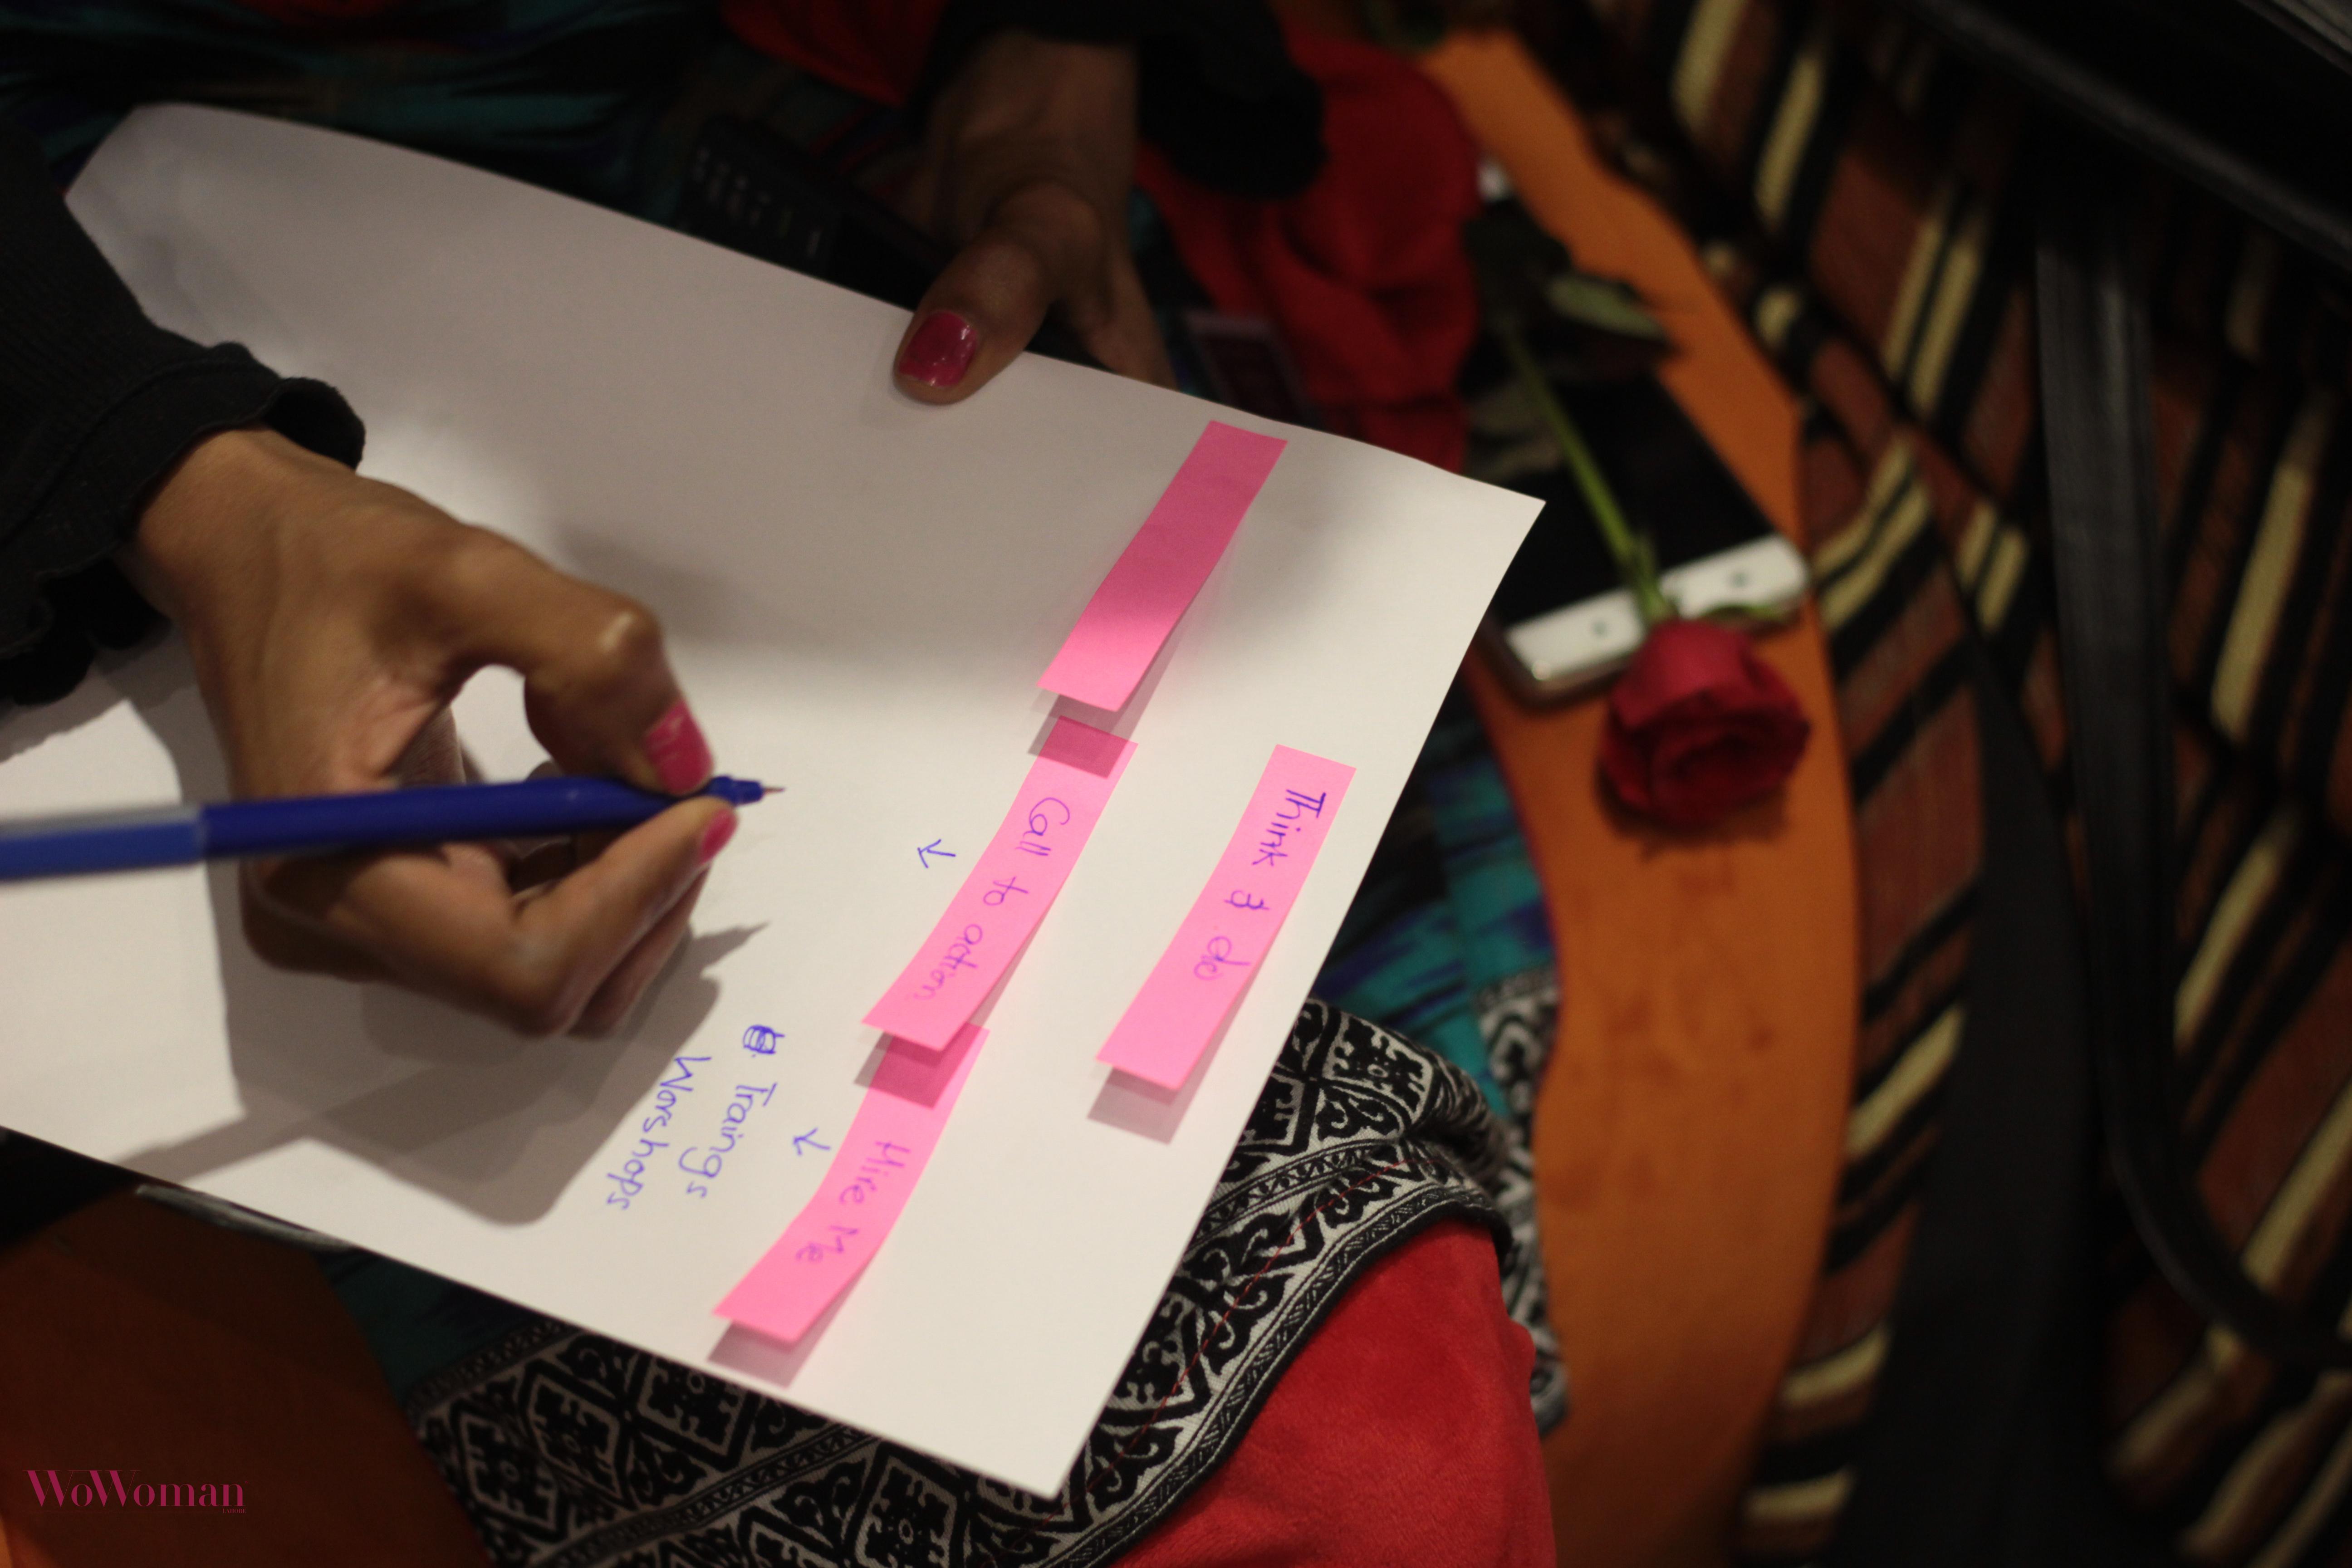 #SheBlogs event activity